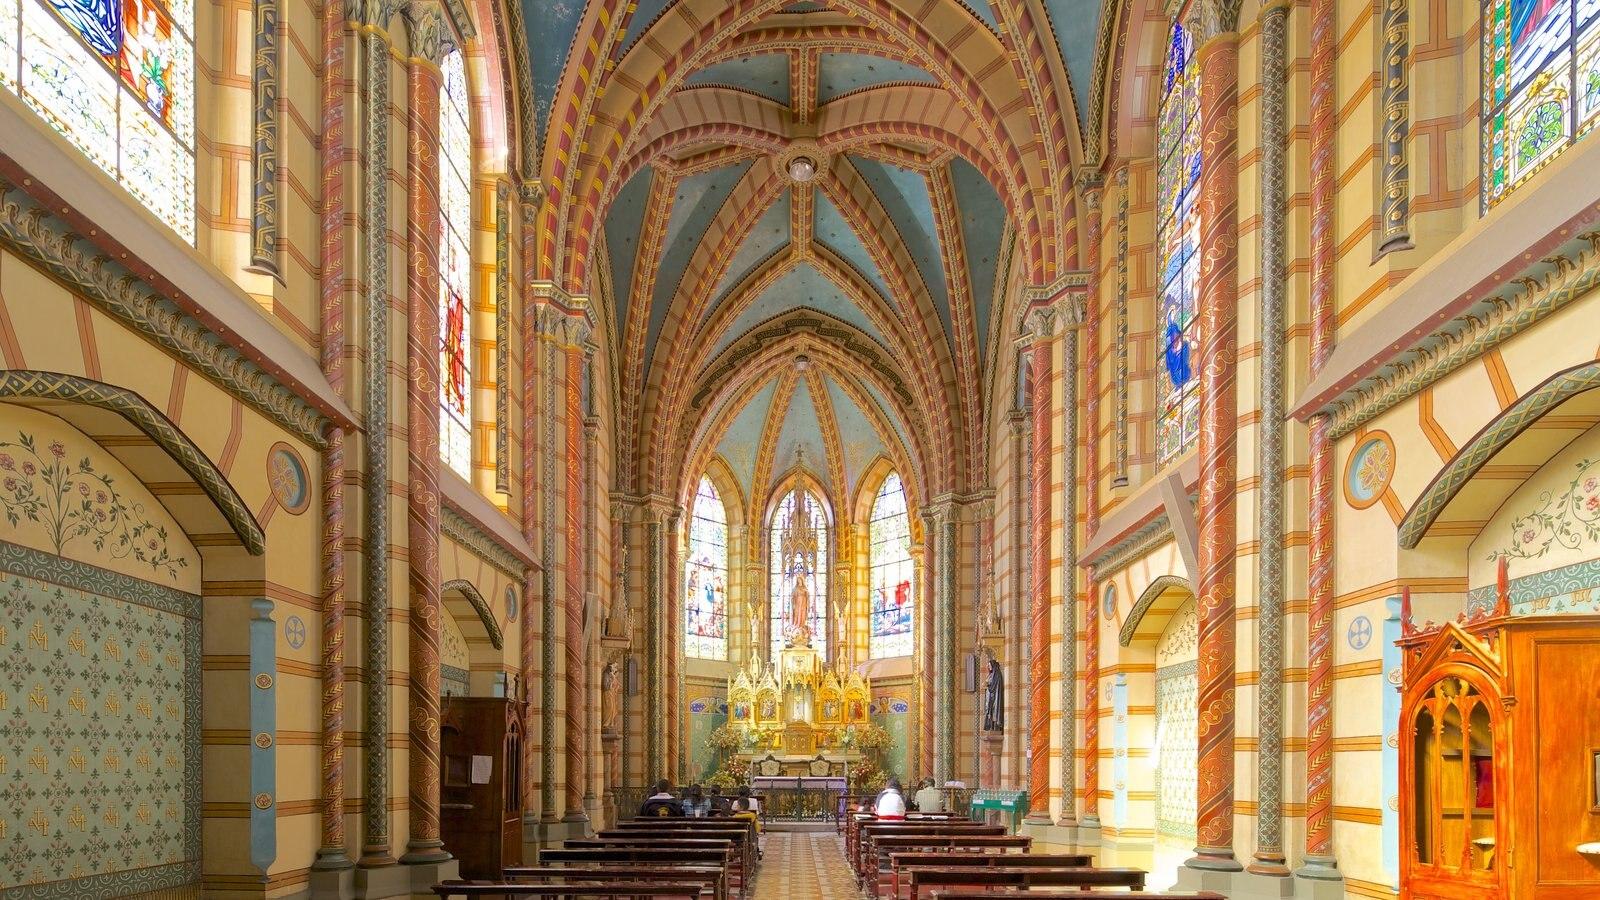 Basílica do Voto Nacional que inclui uma igreja ou catedral, aspectos religiosos e vistas internas